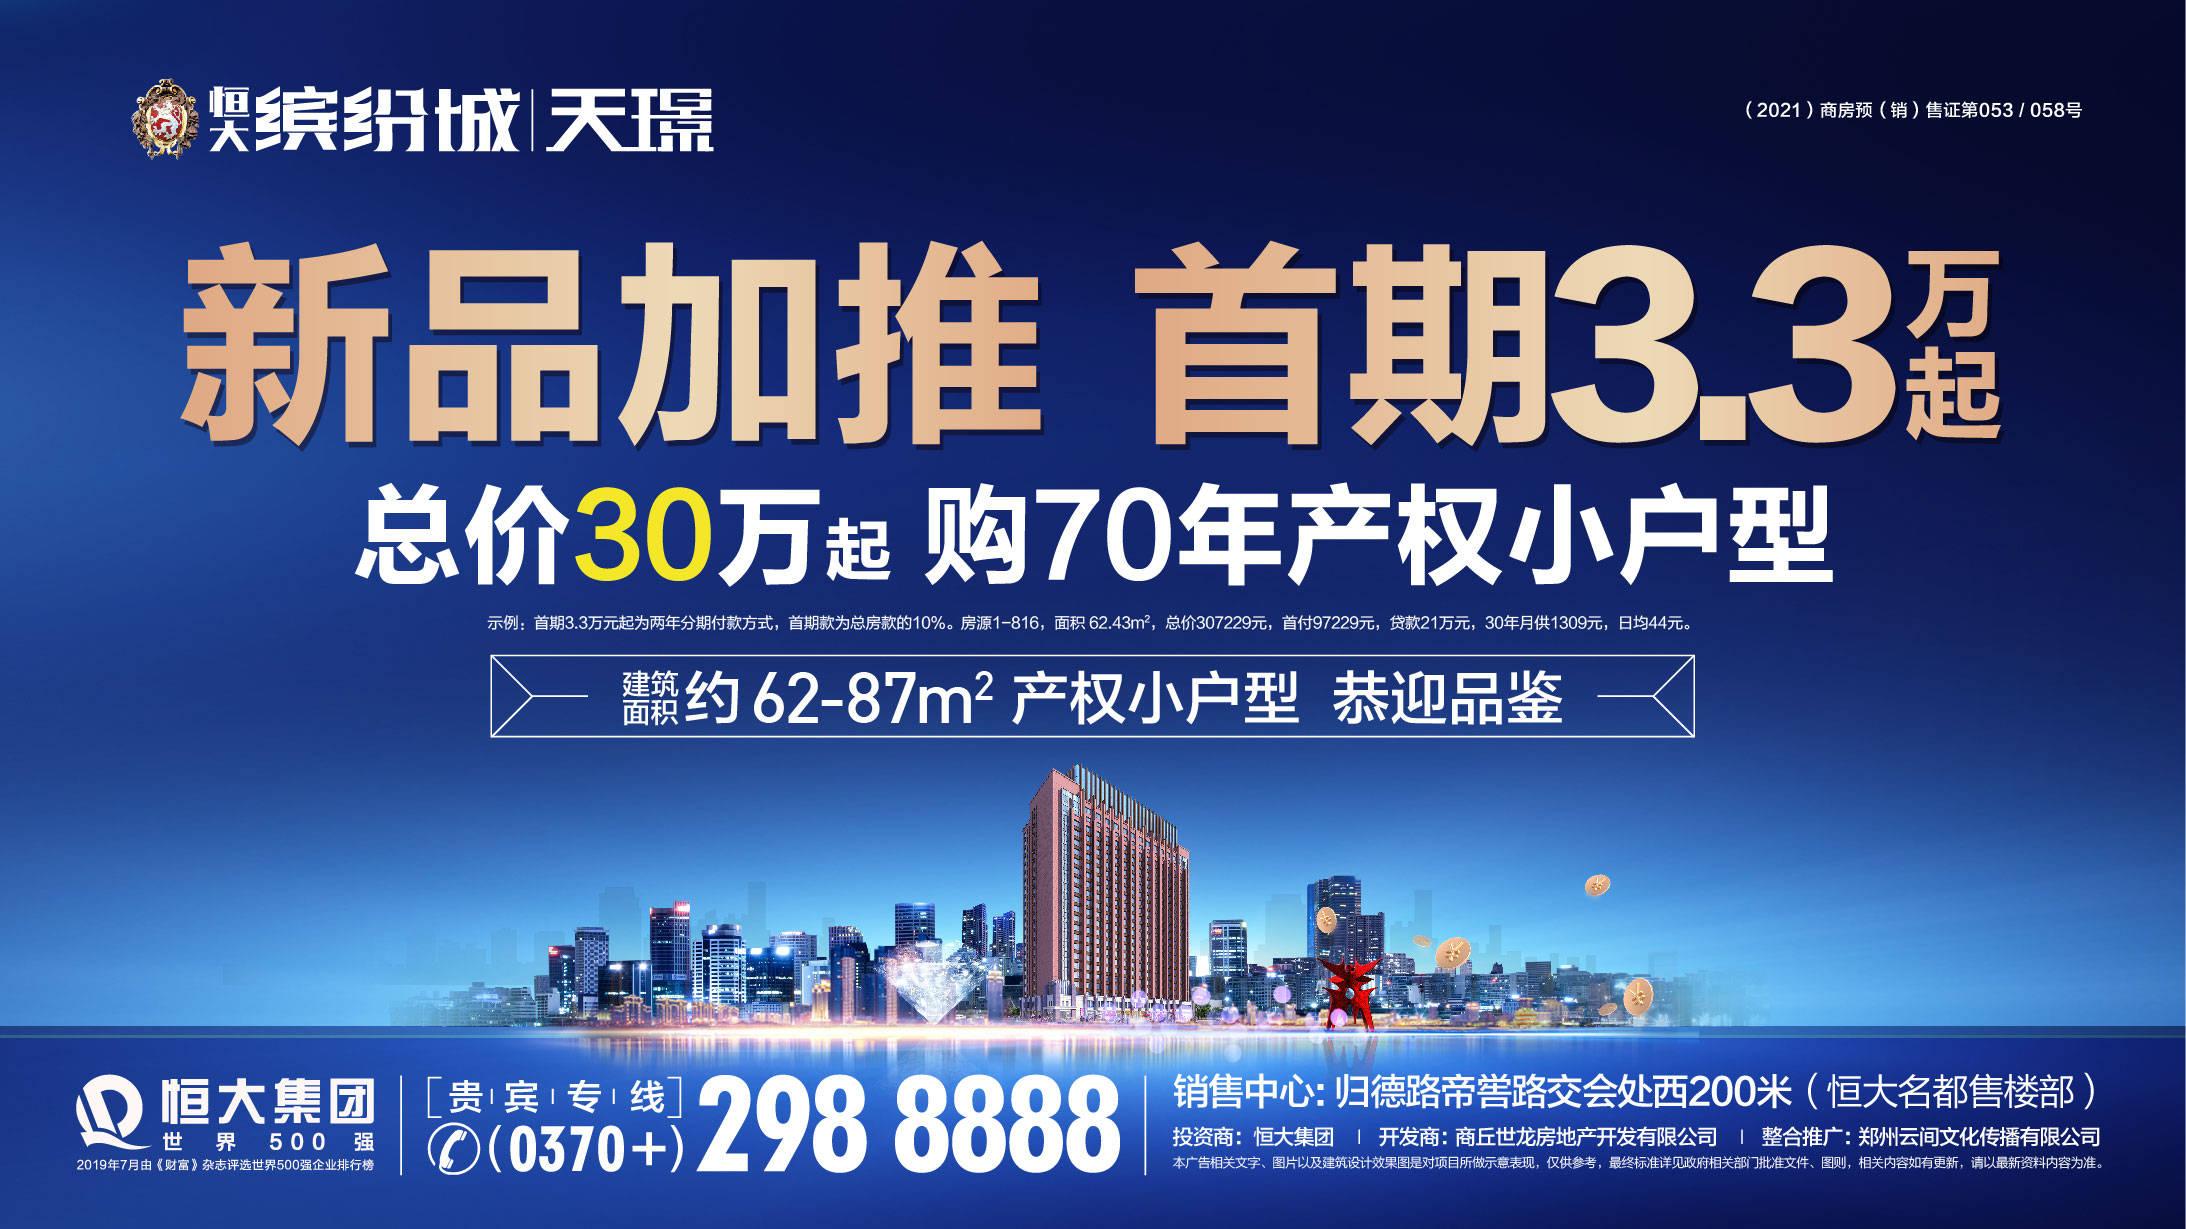 河南常住人口_河南省第七次全国人口普查结果出炉商丘市常住人口781.68万人排